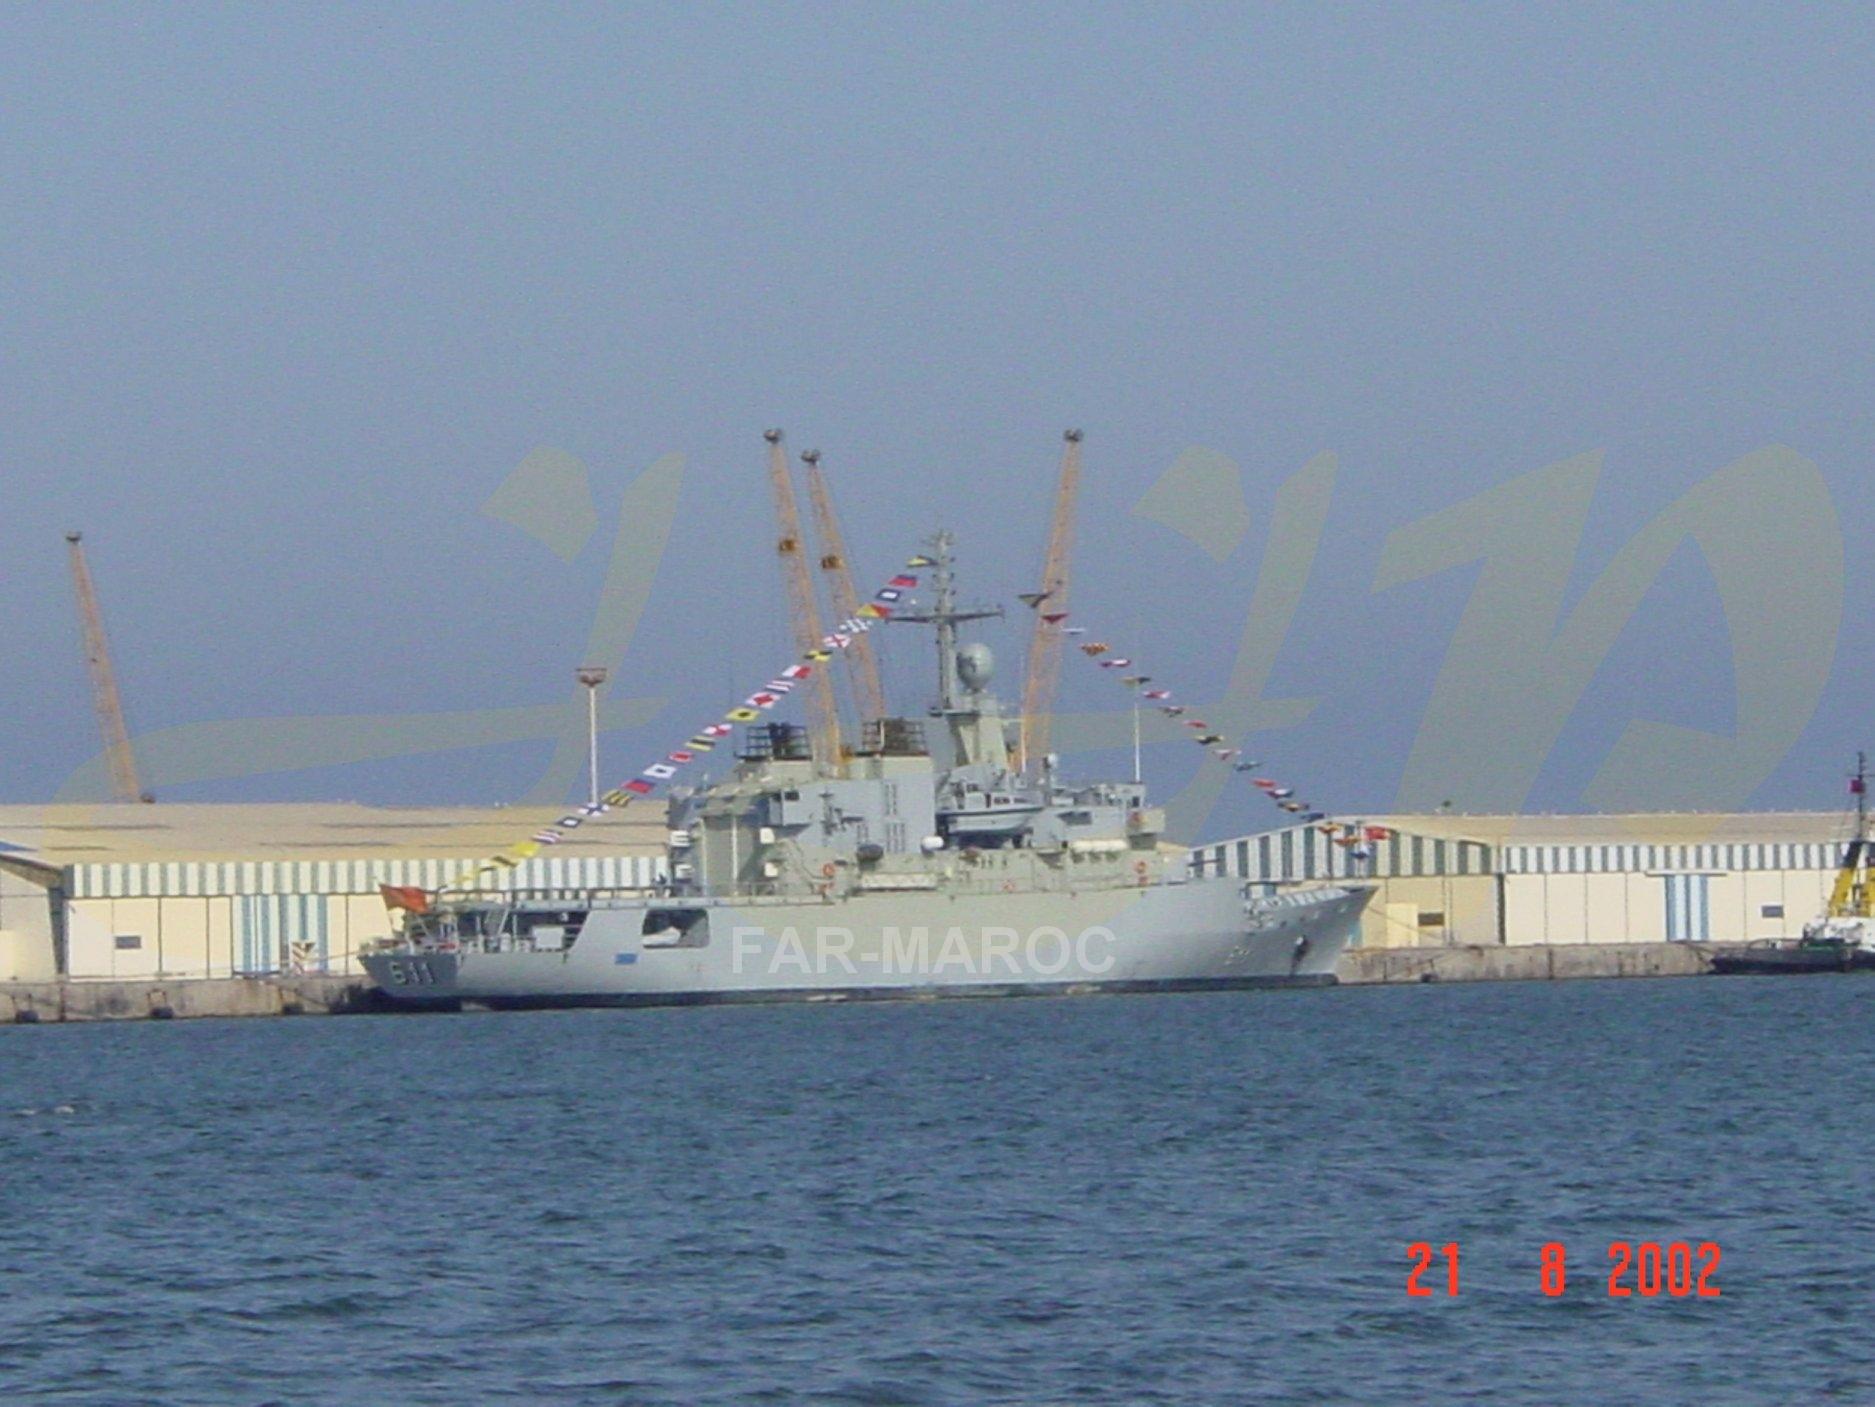 Royal Moroccan Navy Floréal Frigates / Frégates Floréal Marocaines - Page 14 49273250916_01f0a43f14_o